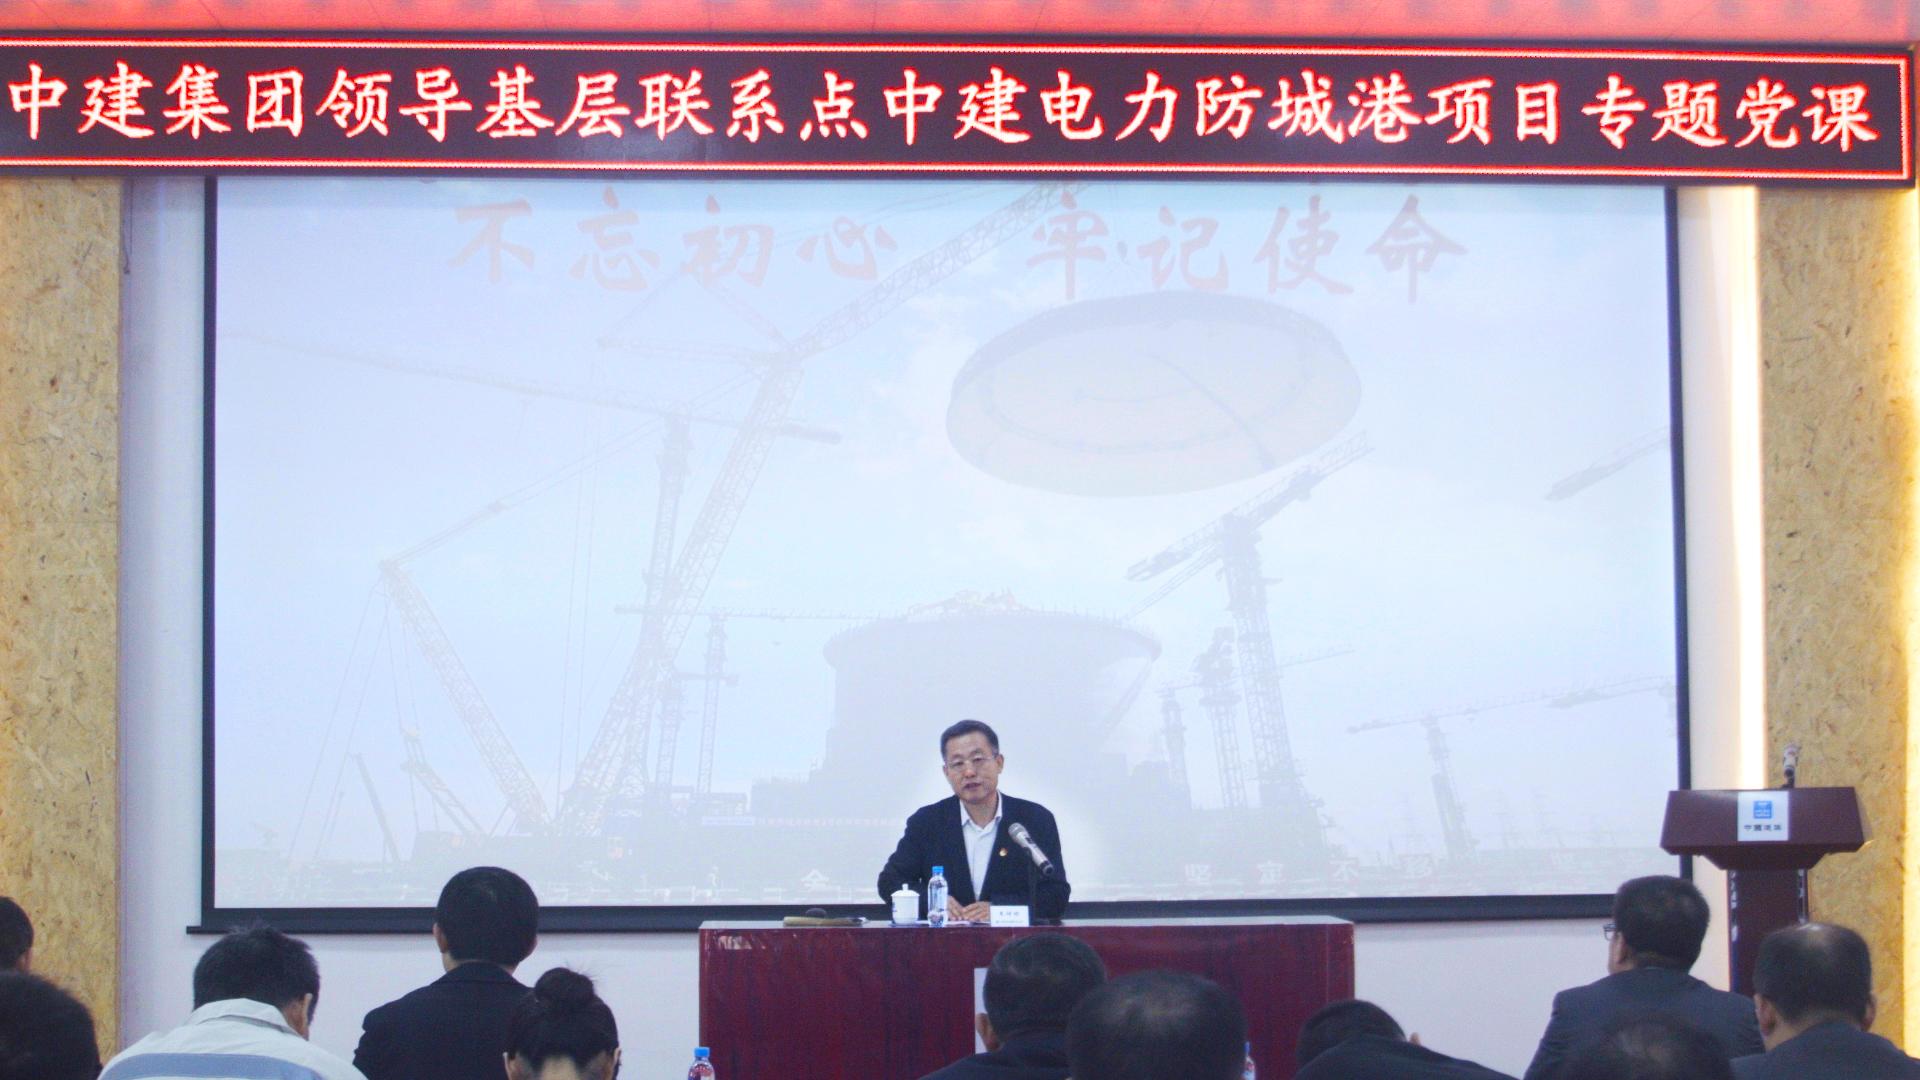 王祥明讲党课2.jpg